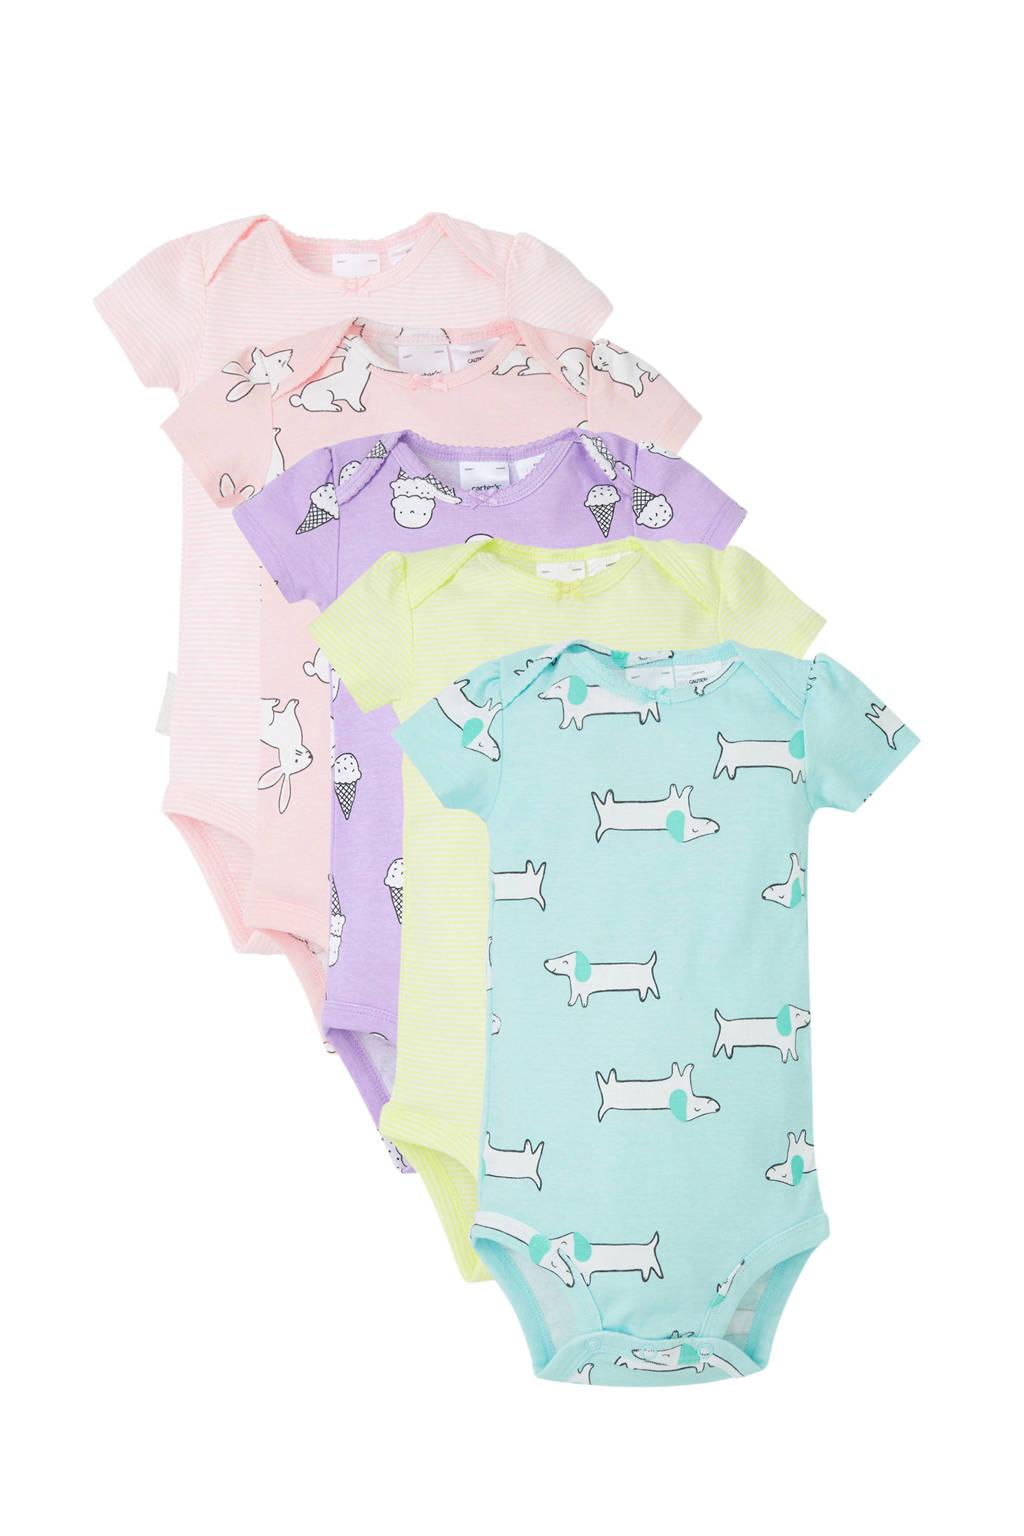 Carter's baby romper - set van 5, Roze/lila/geel/mintgroen